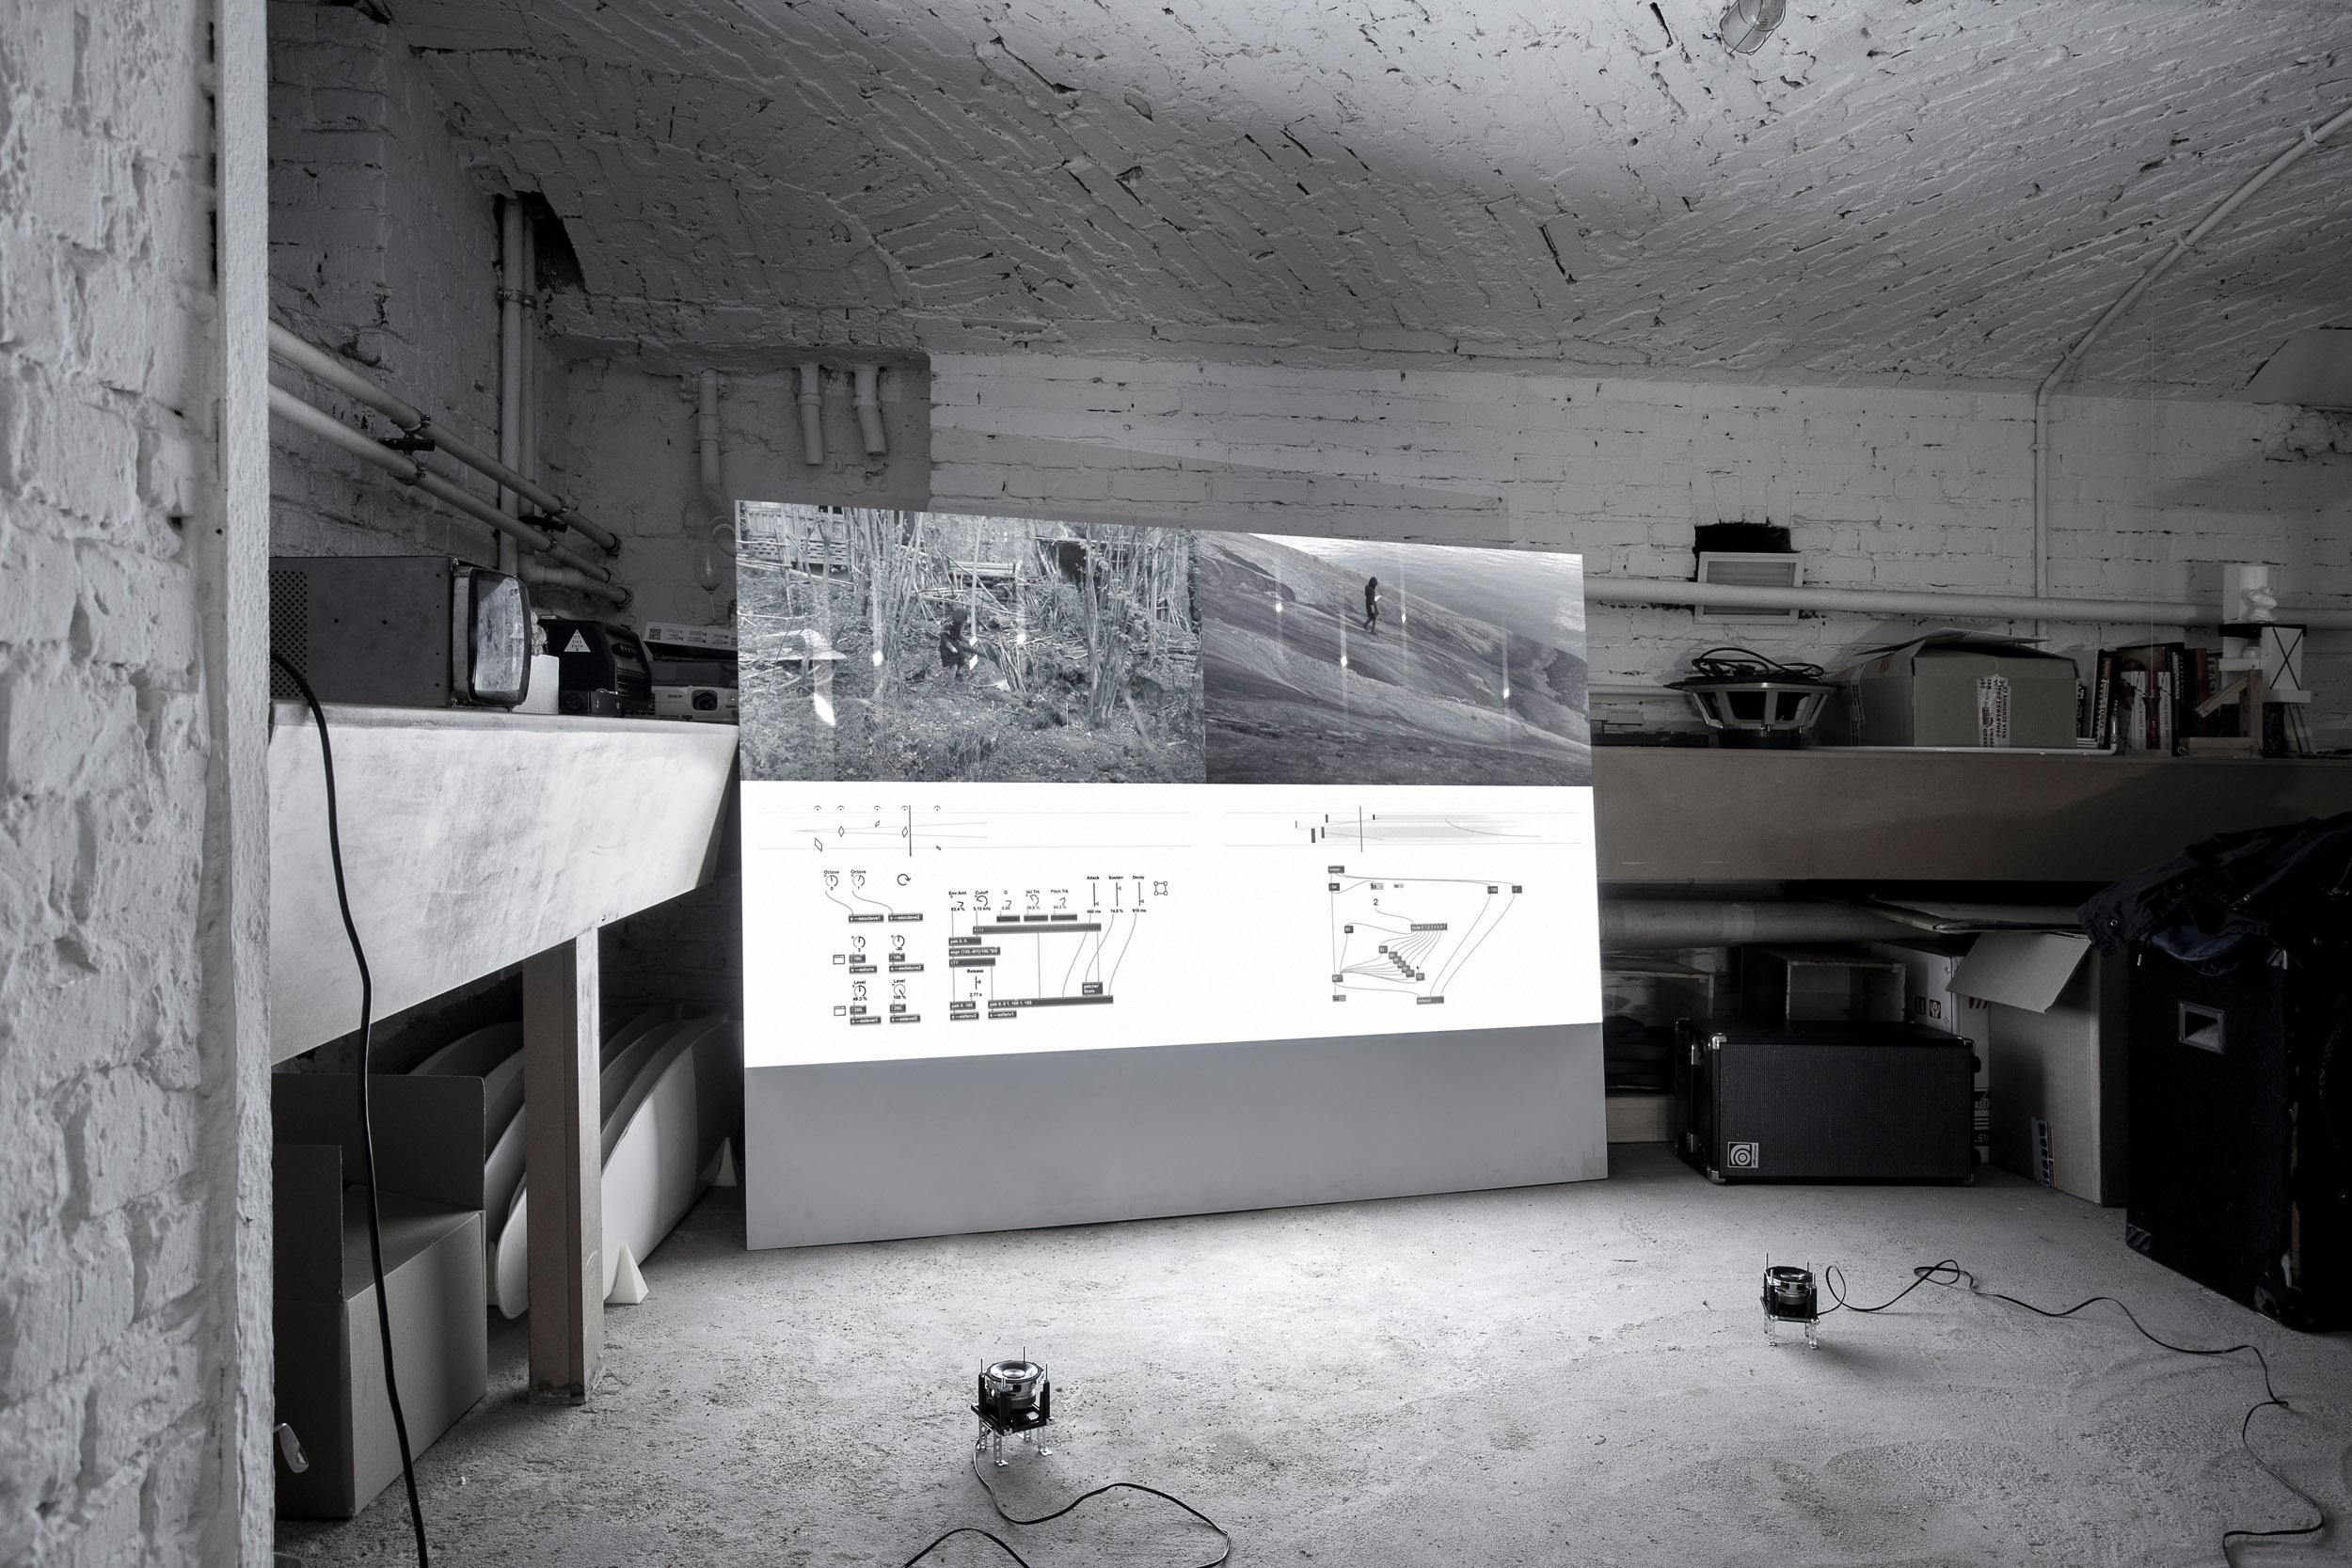 Jacek Doroszenko - Polyphonic Body, Warsaw Gallery Weekend, Propaganda